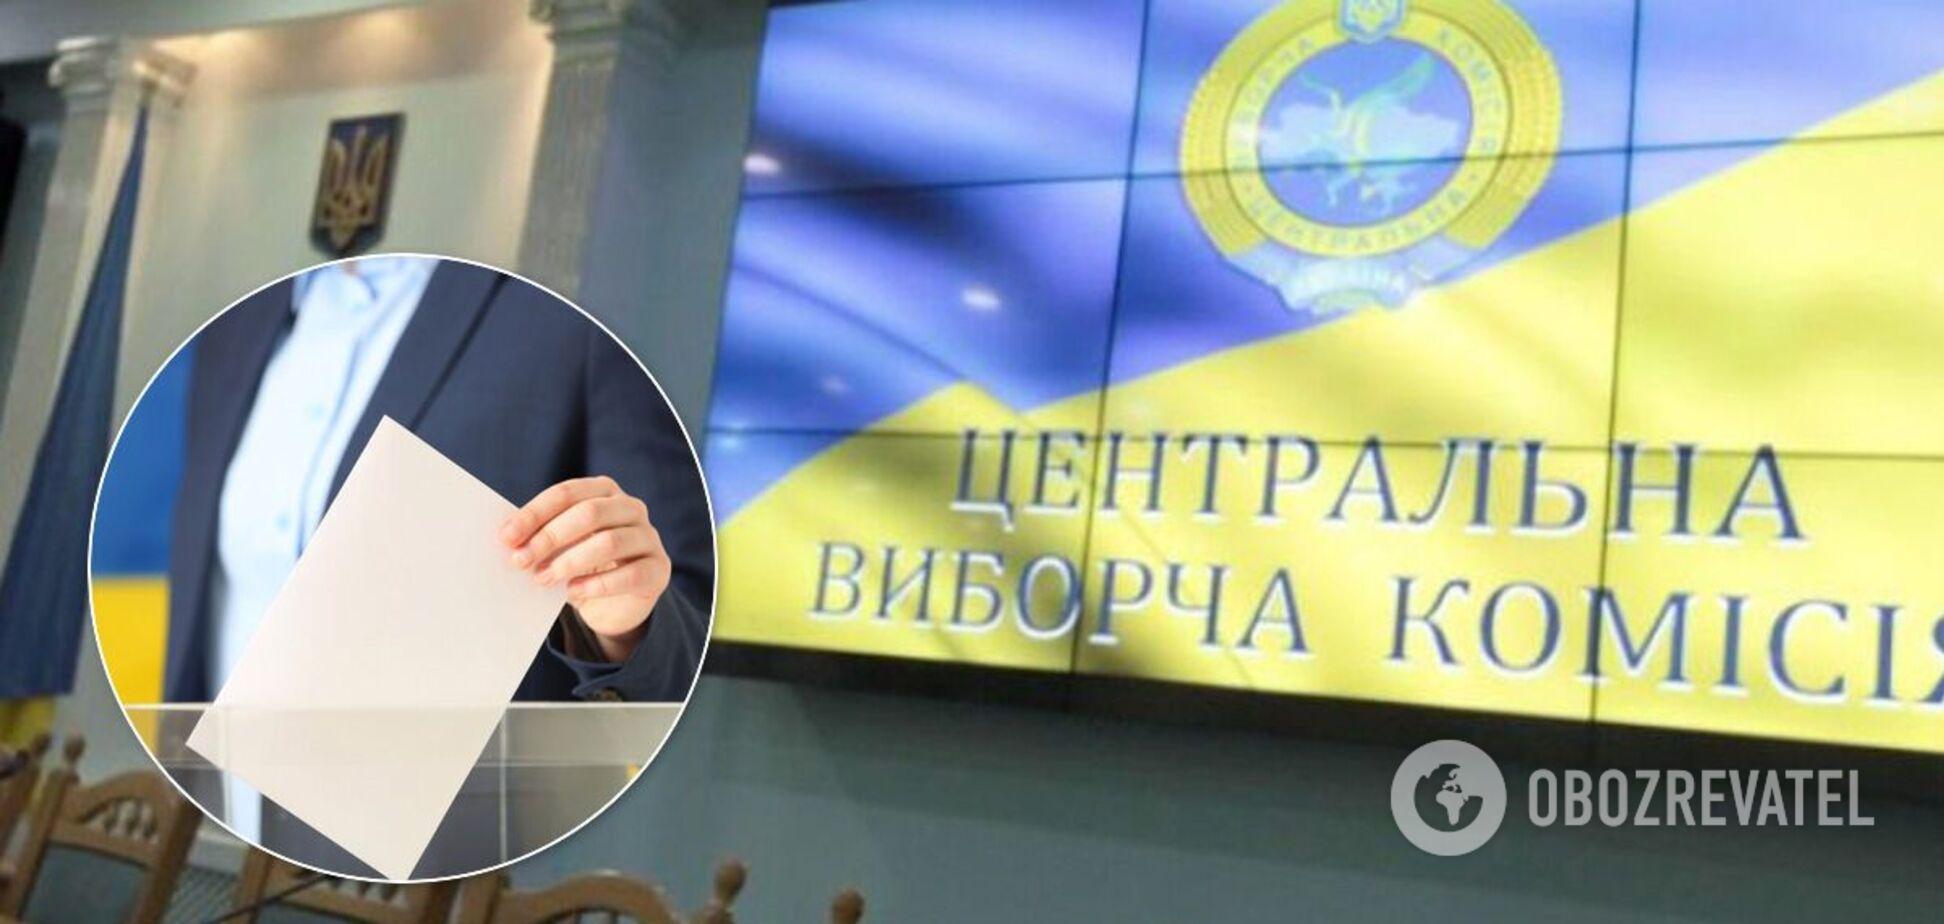 ЦИК назвала города, где пройдет второй тур выборов